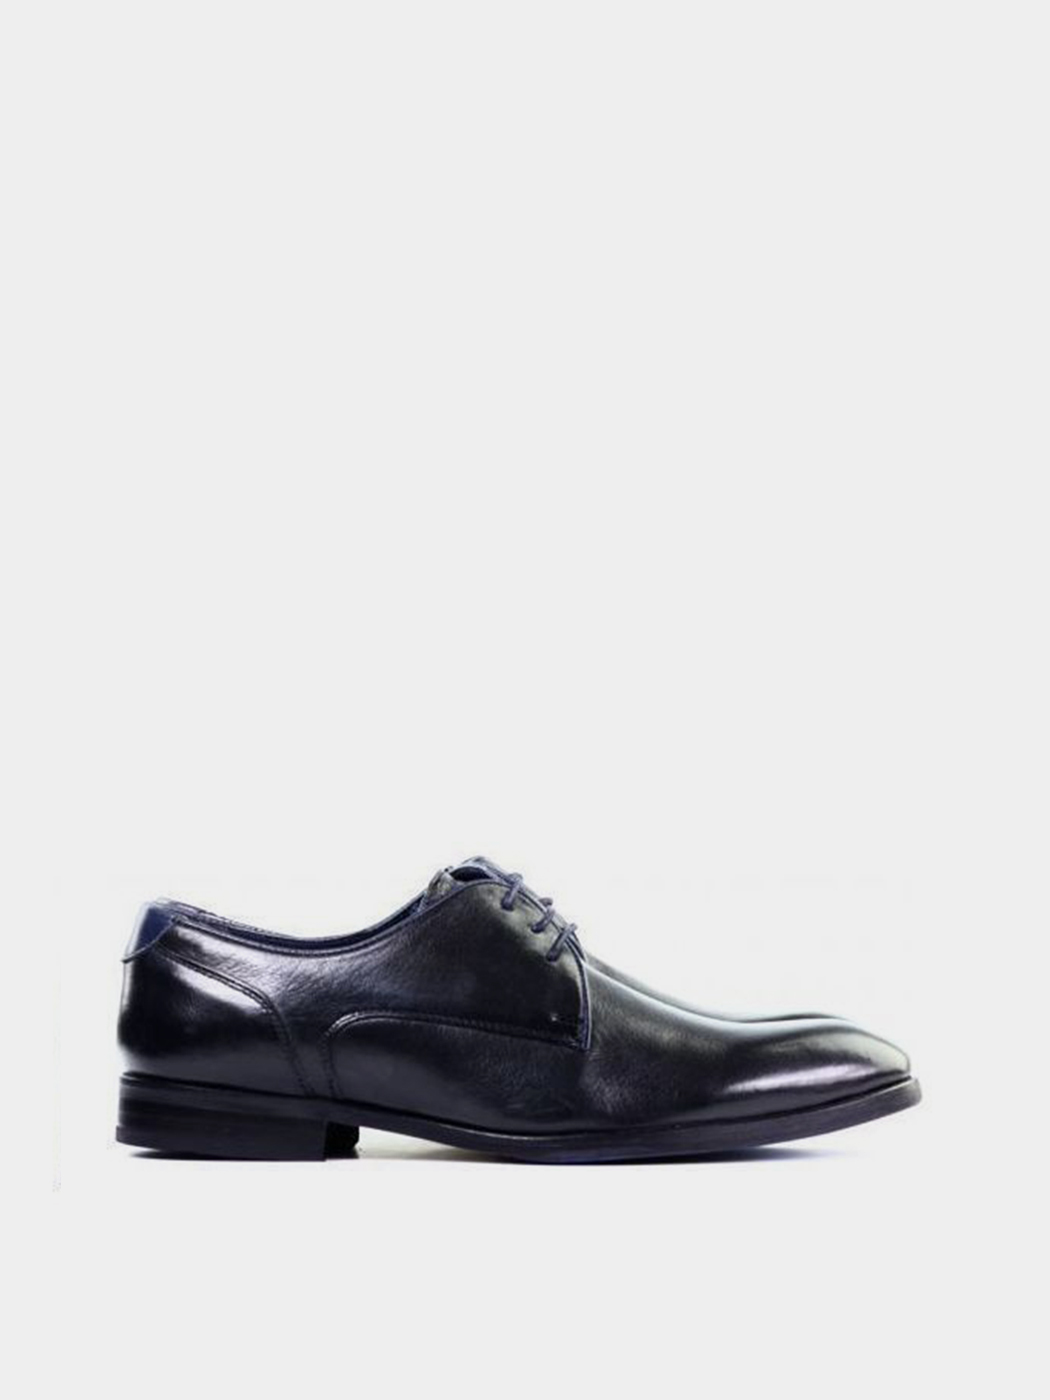 Braska Полуботинки  модель BR1311 размерная сетка обуви, 2017